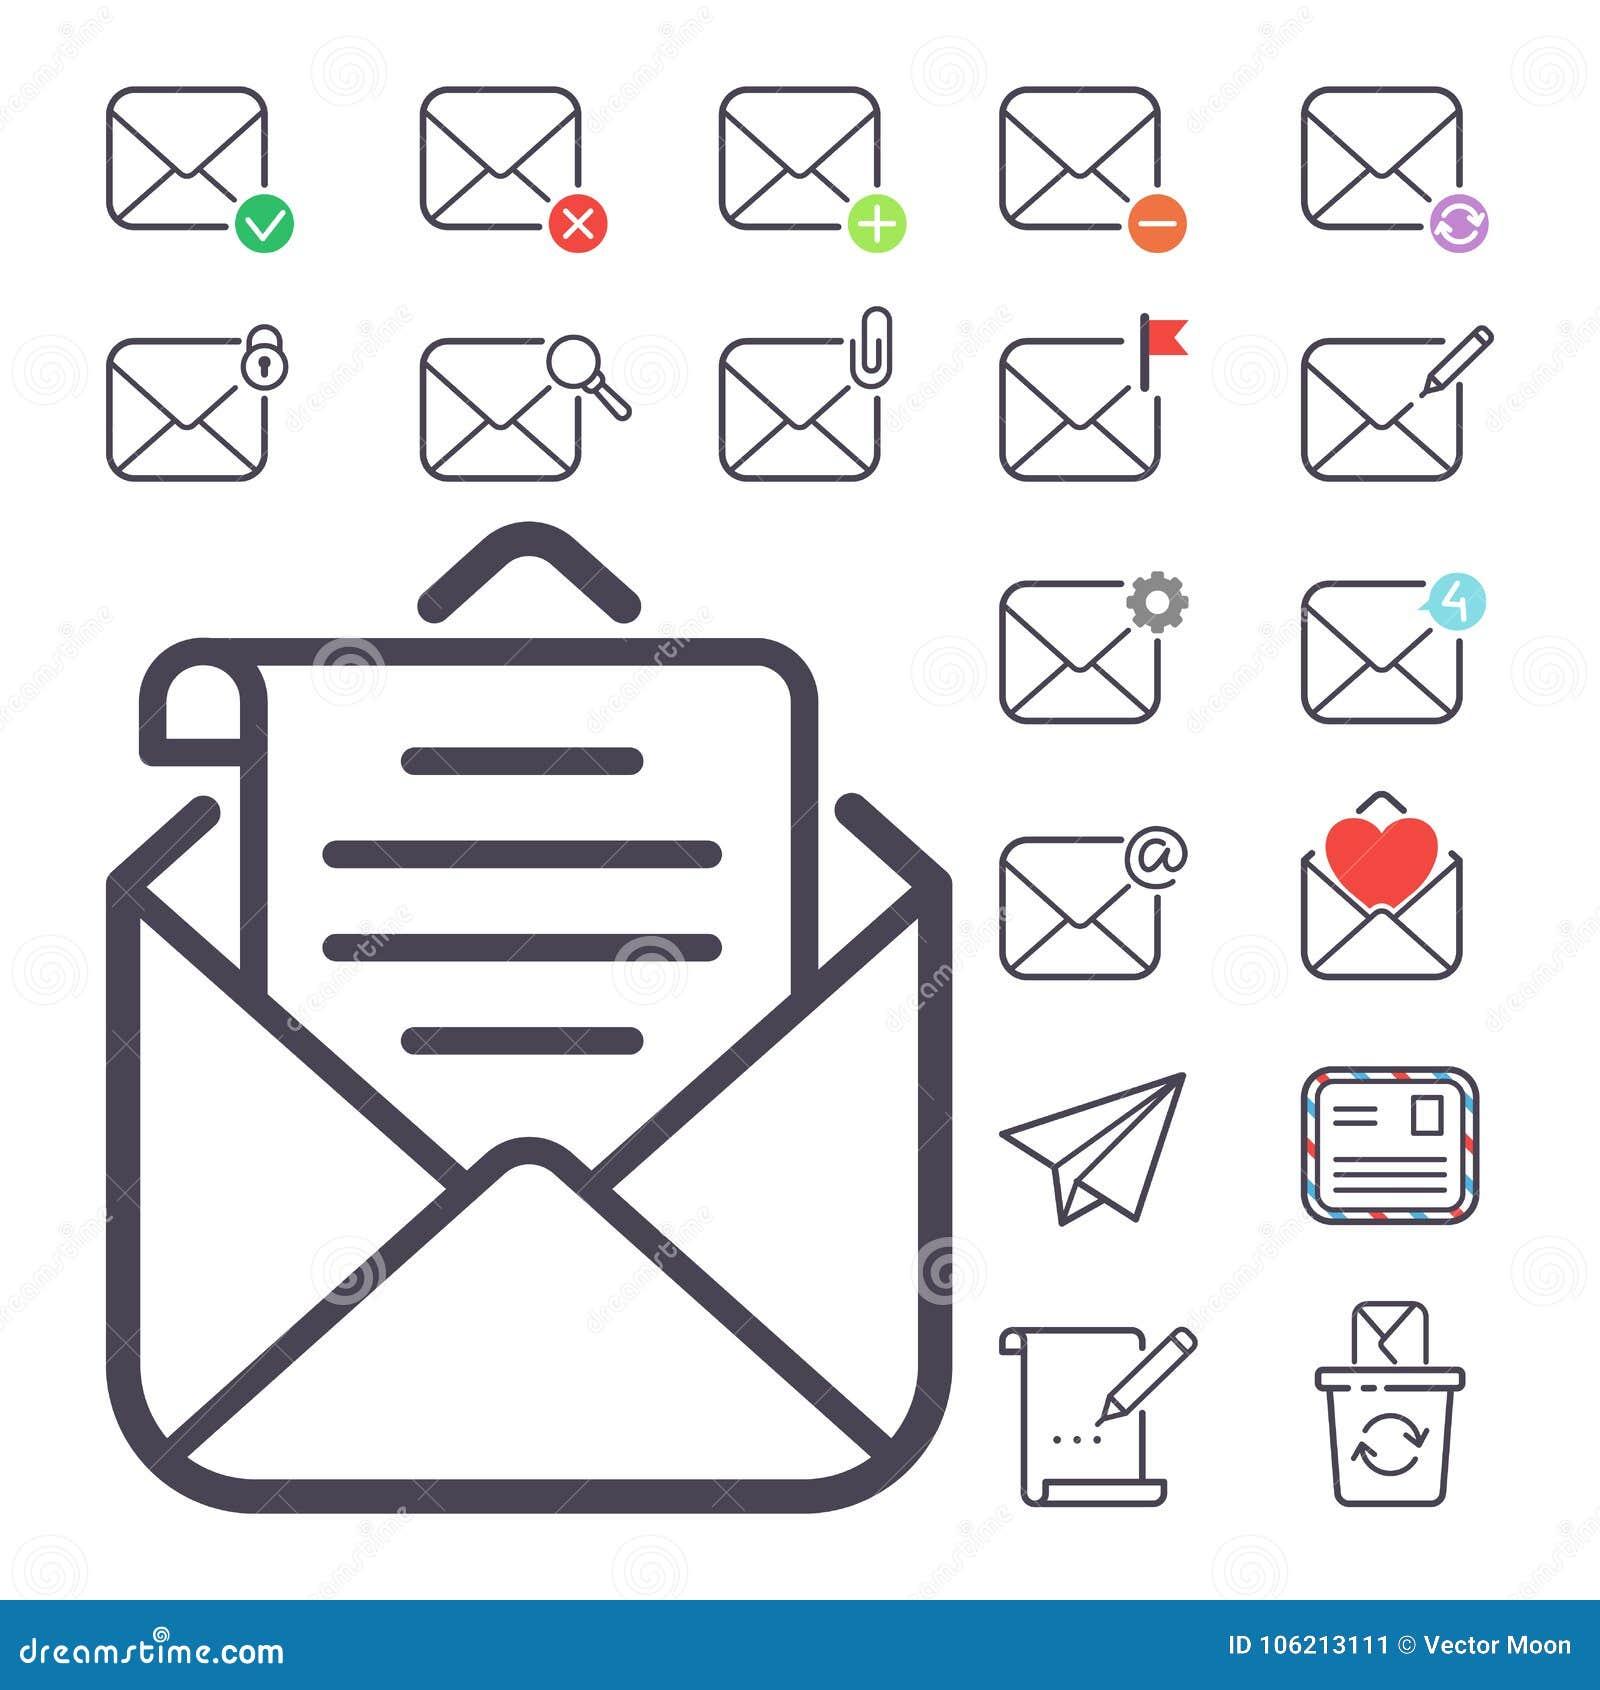 Papper för design för brevlåda för översikt för tom adress för överensstämmelse för kommunikation för räkning för kuvert för symb